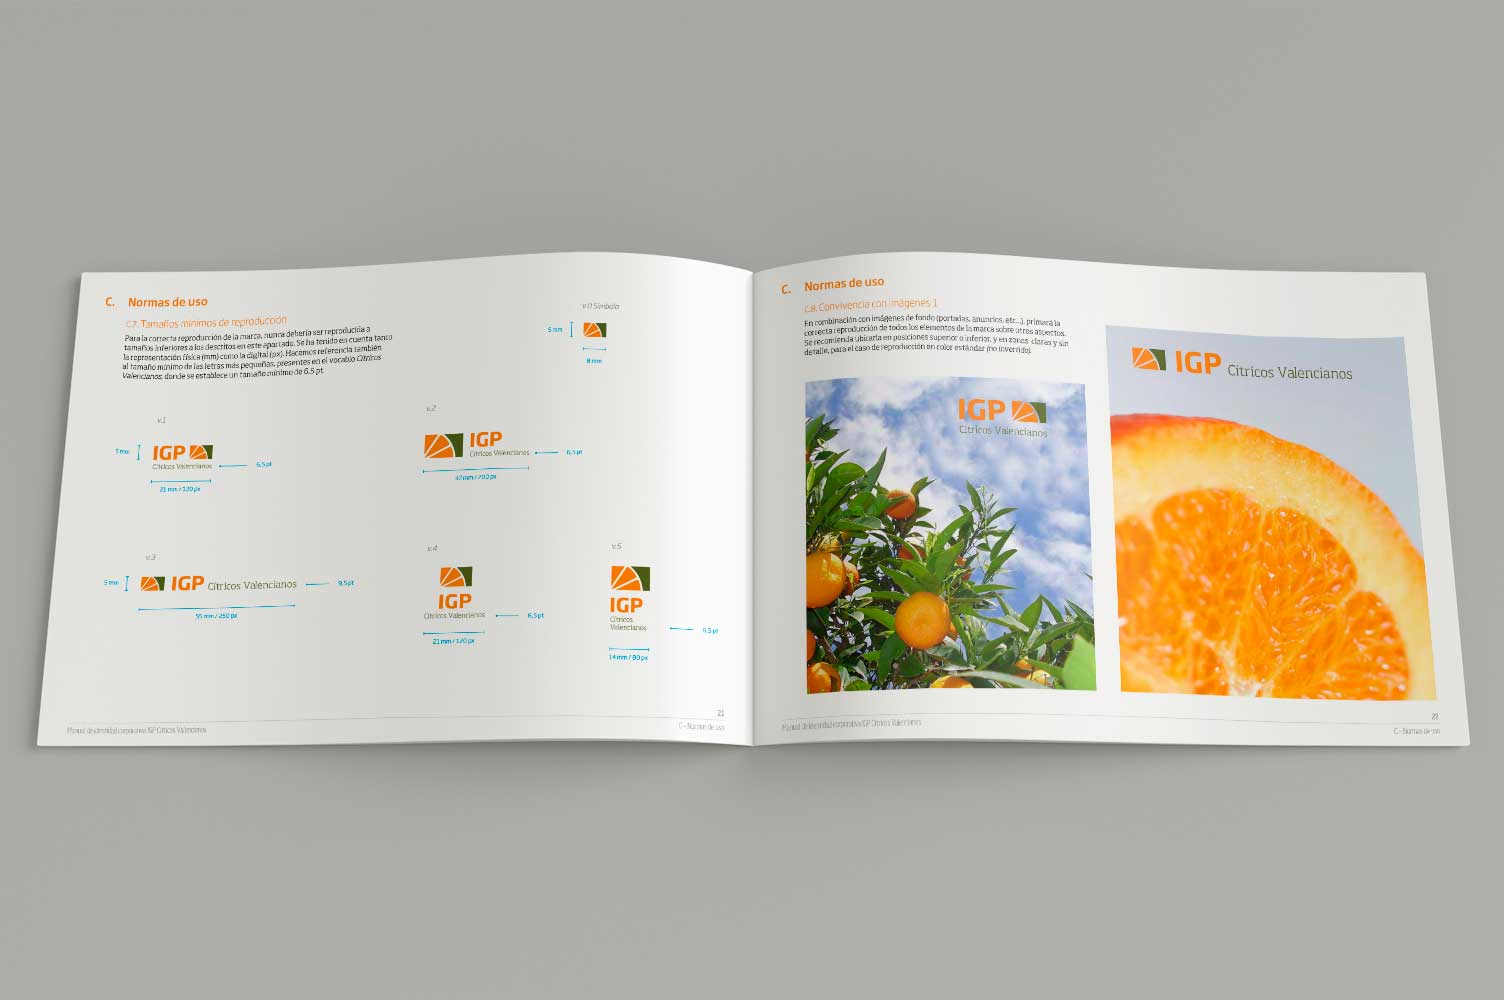 Diseño interiores manual de identidad corporativa IGP